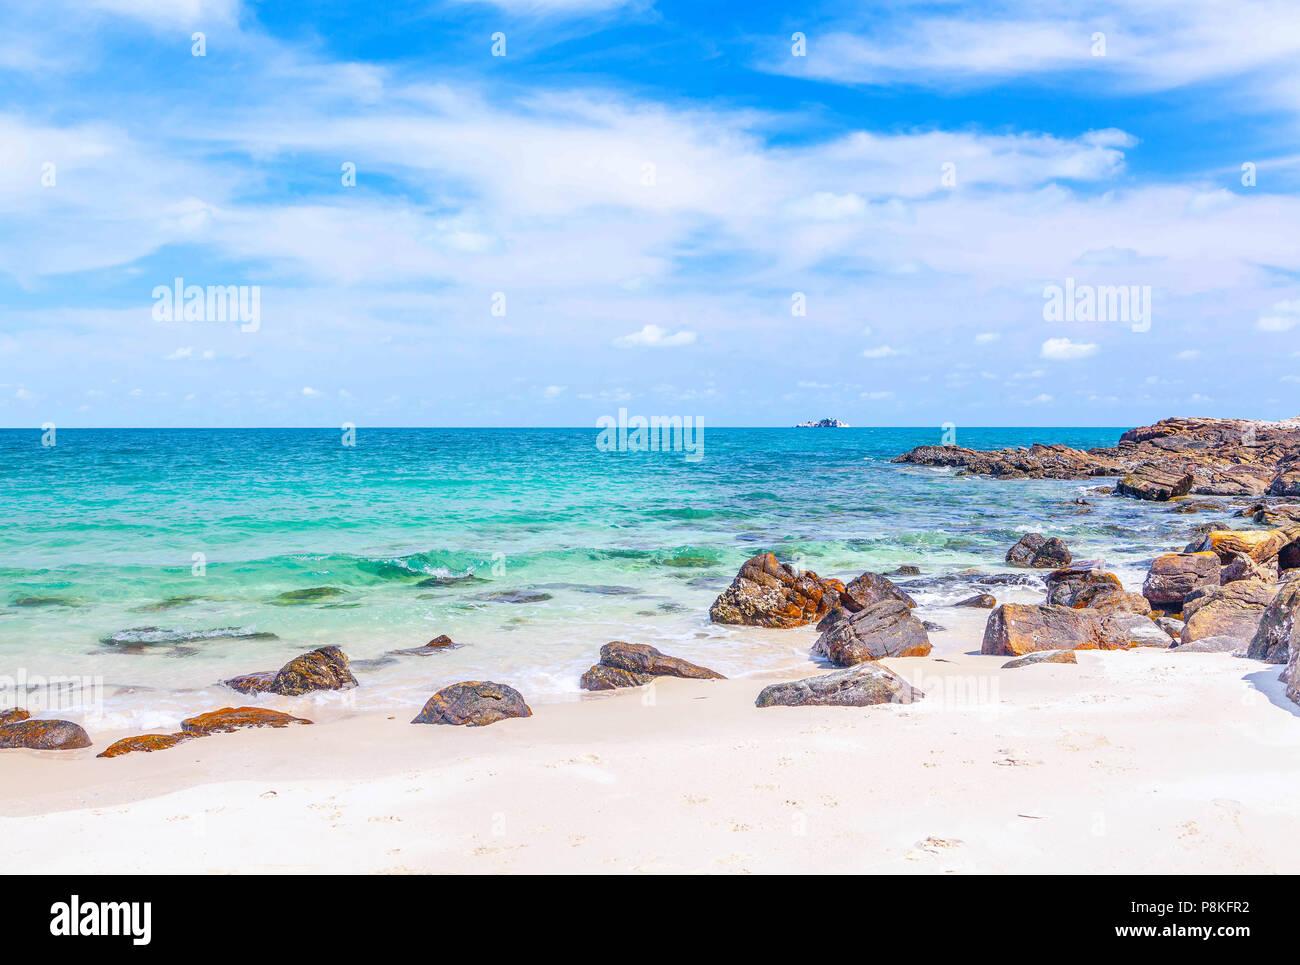 Una bellissima spiaggia di sabbia dell'Isola di Samed in Thailandia. Immagini Stock